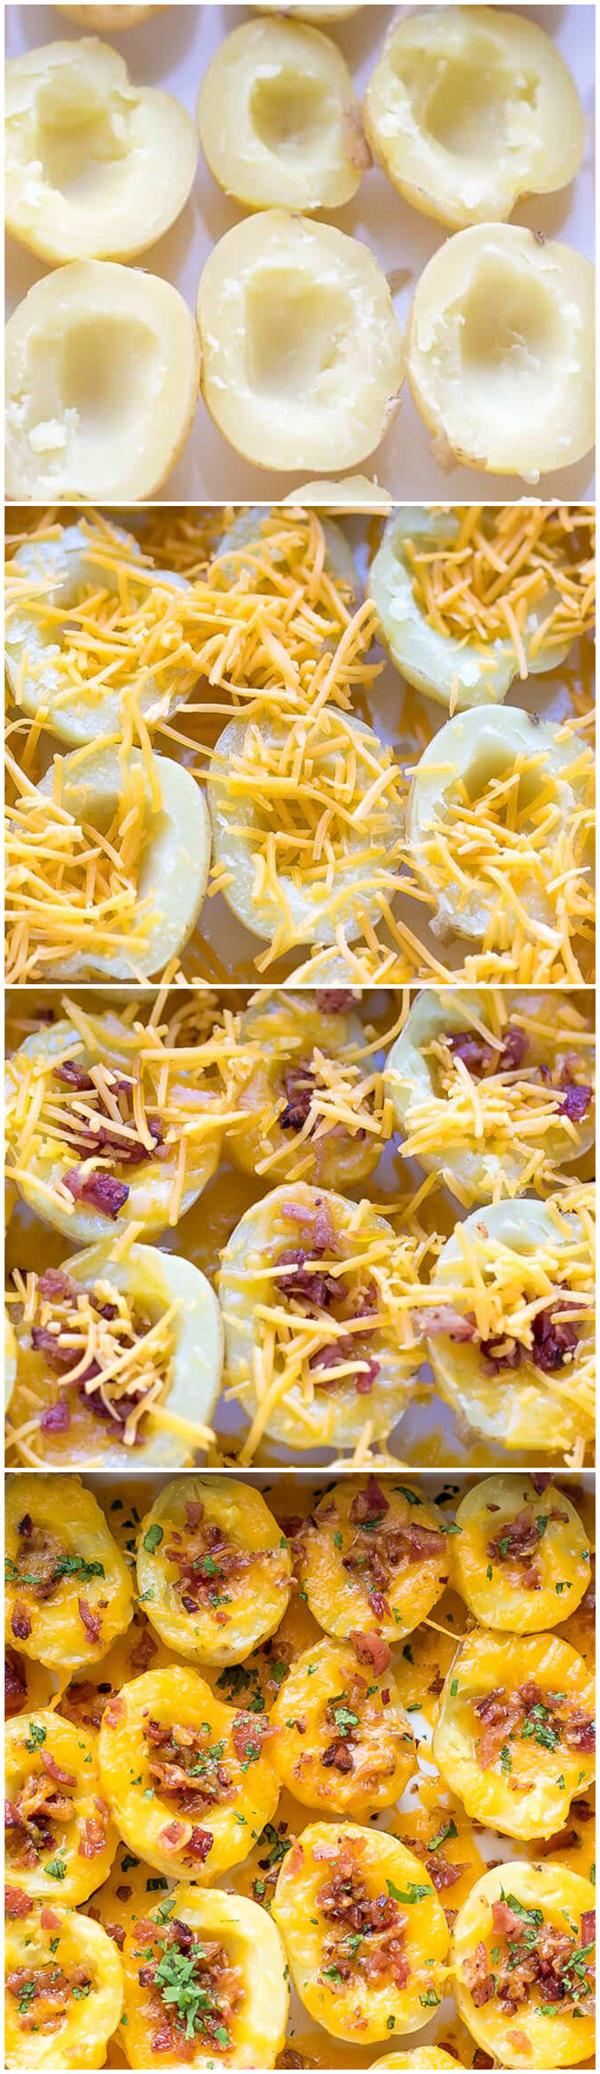 Cheesy Crispy Baked Potato Bites